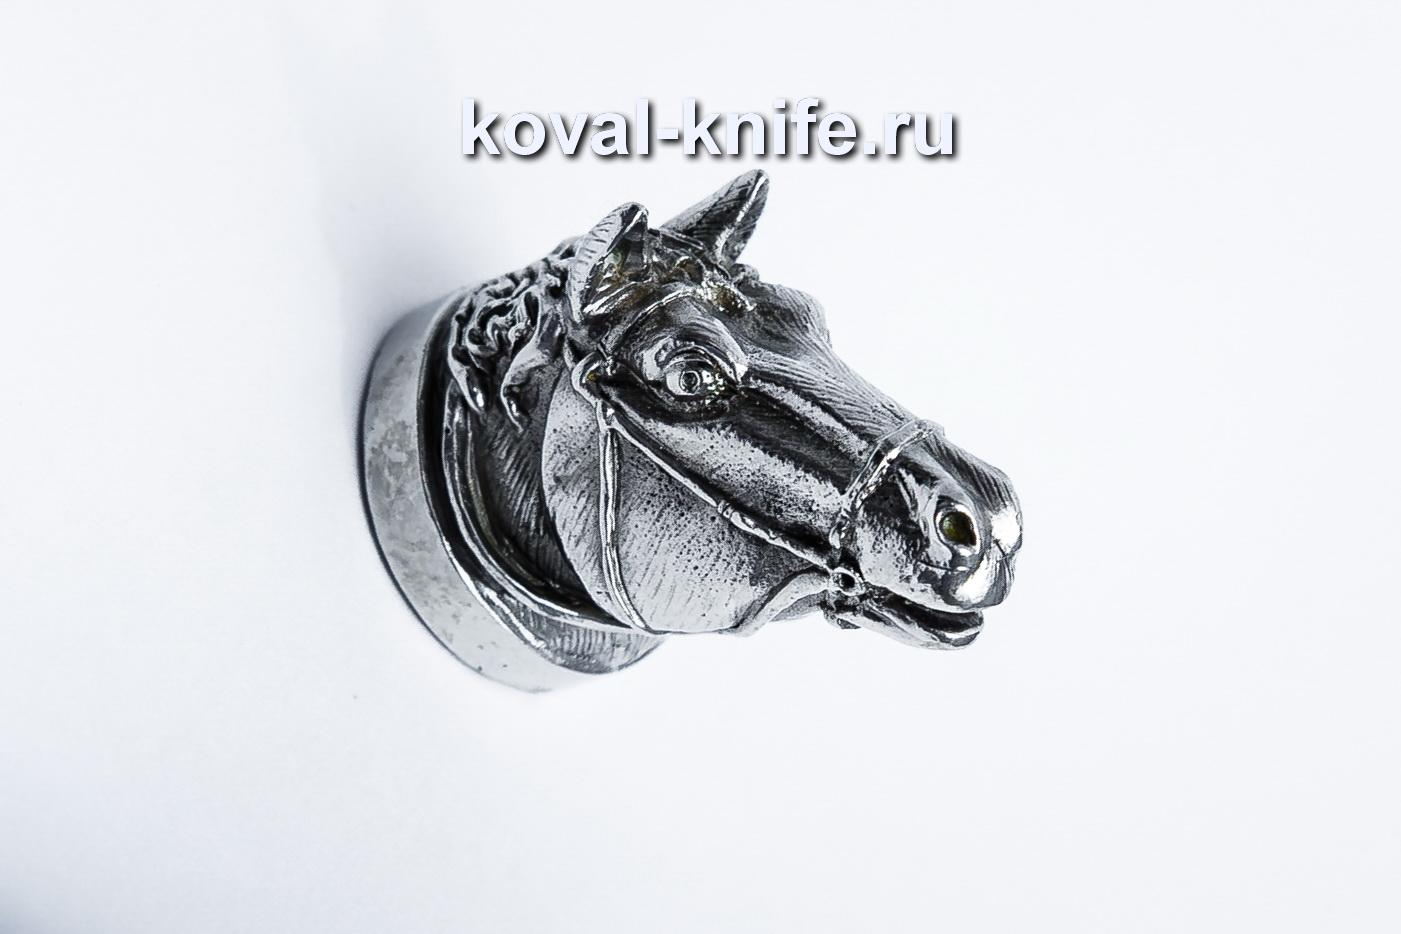 Литье  для шампура 113 Голова — Лошадь, круглое примыкание. Диаметр D 28мм.